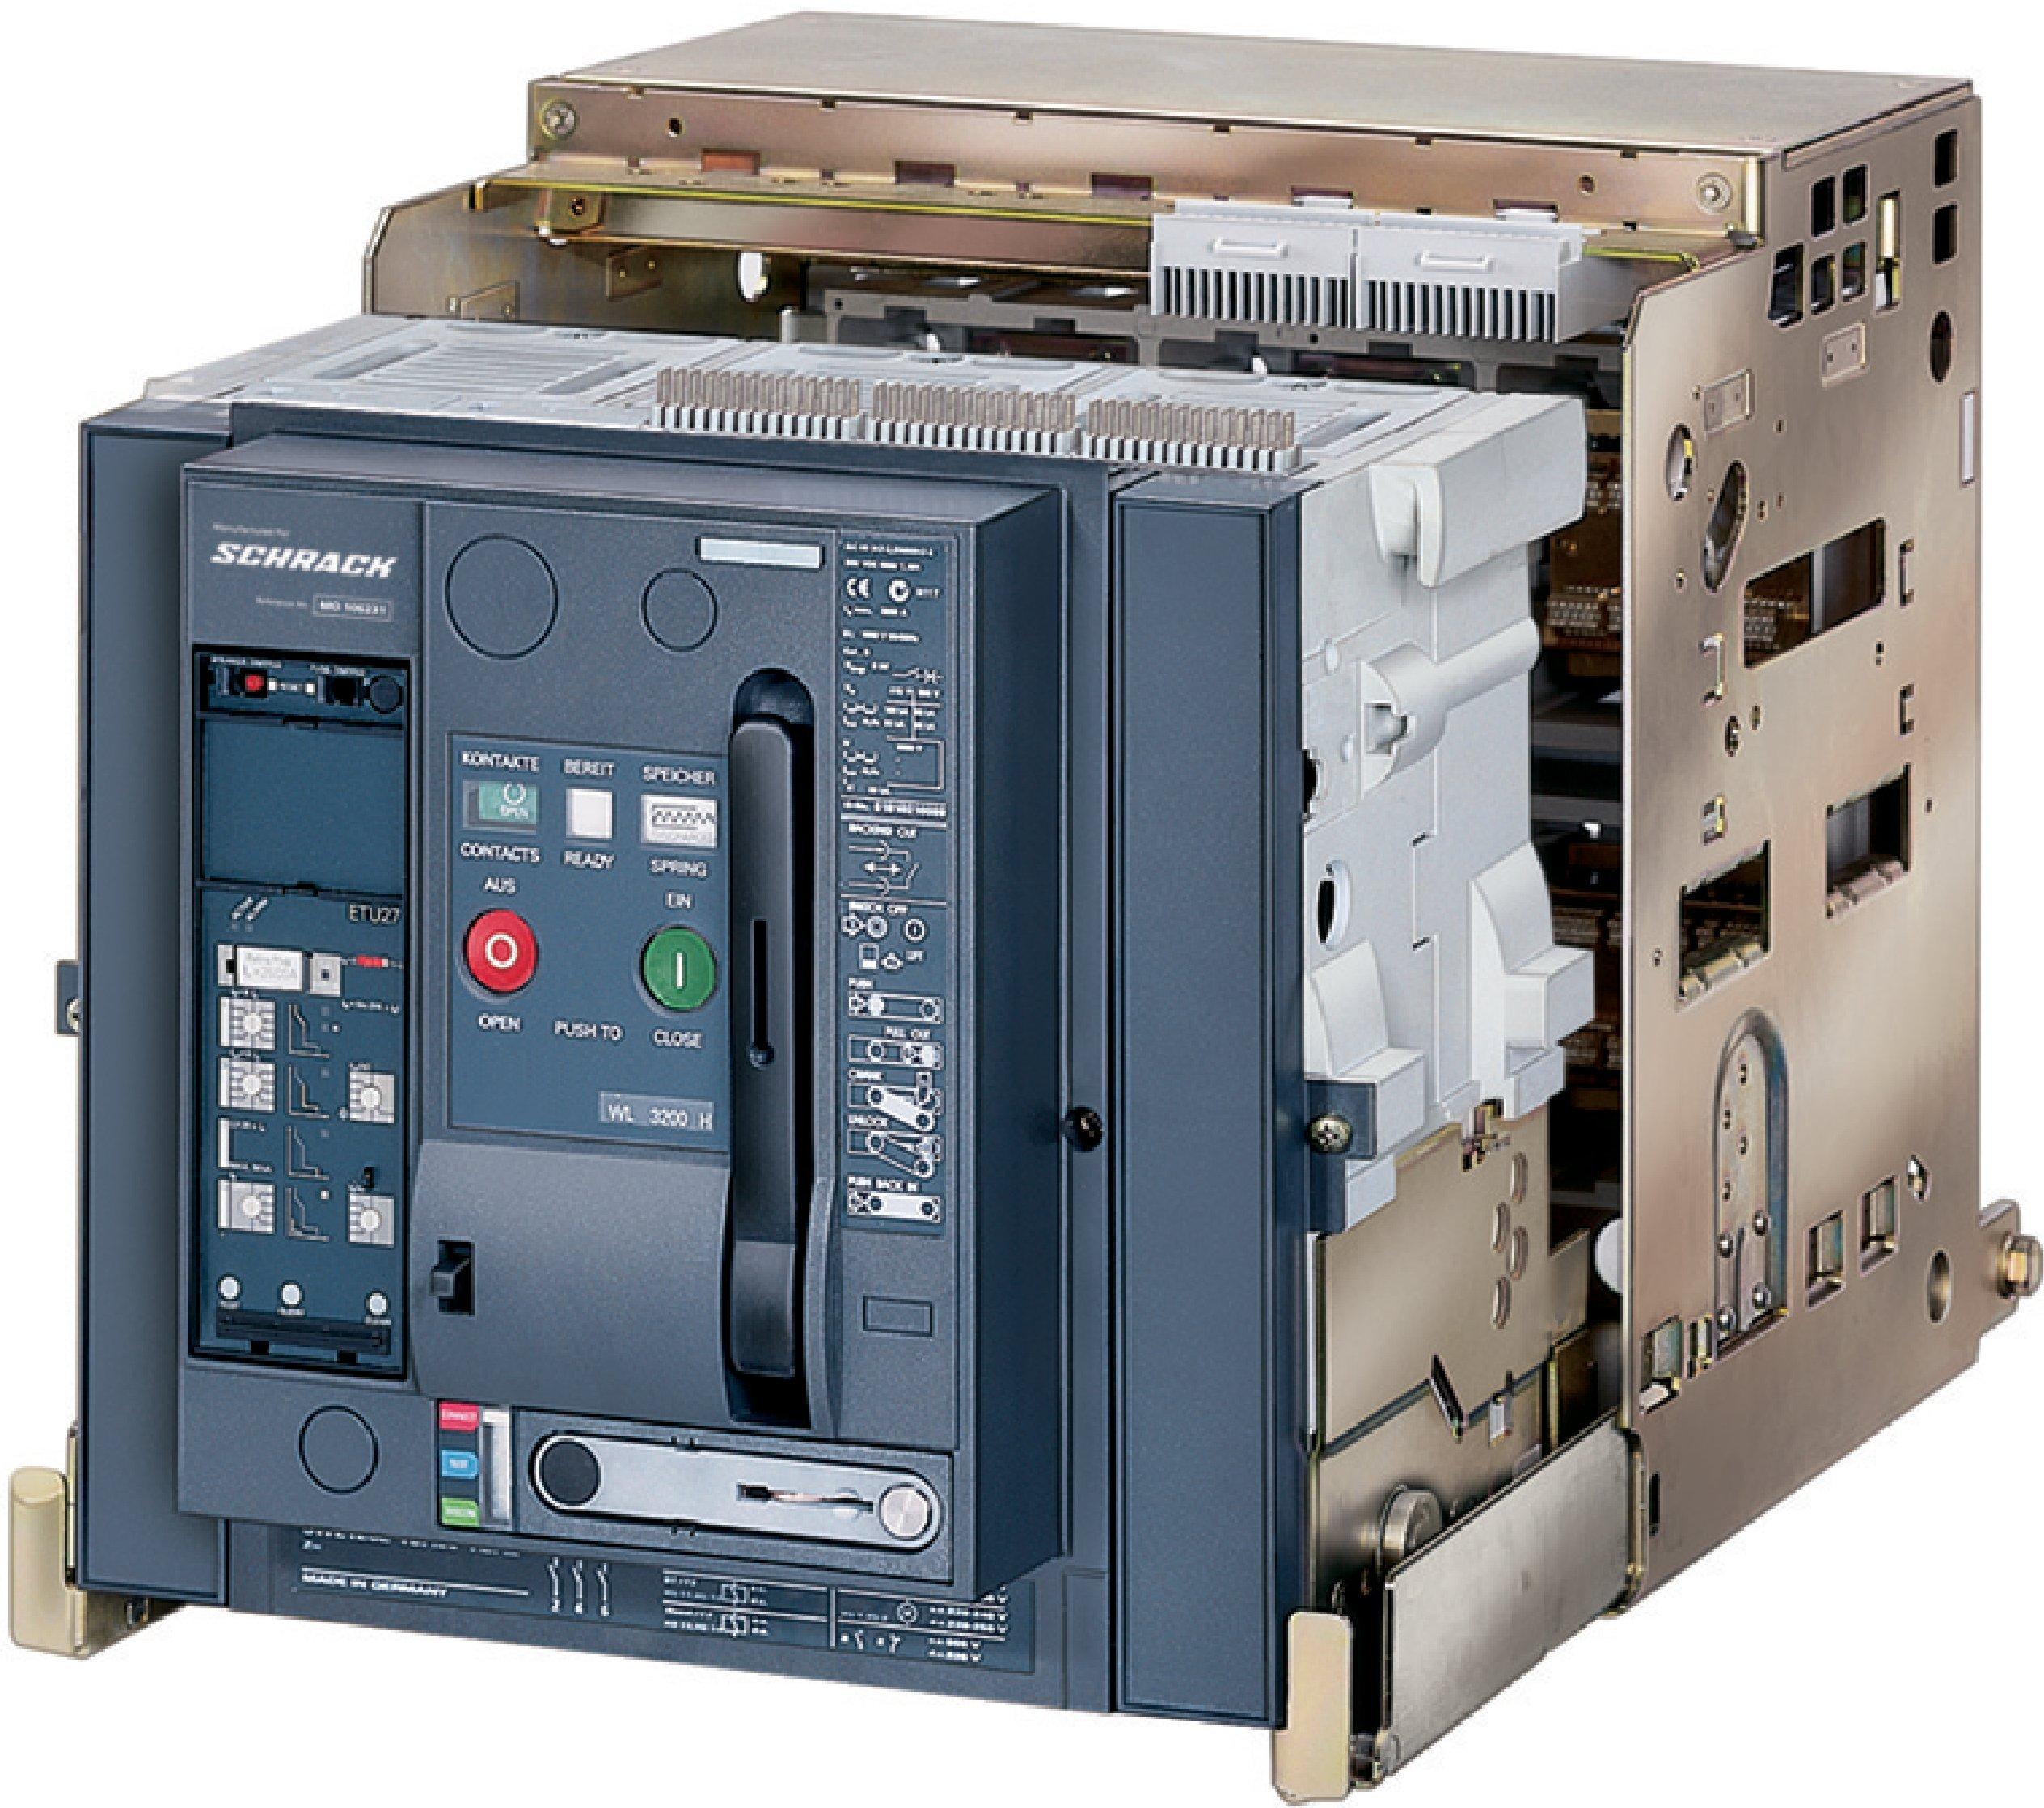 1 Stk Leistungsschalter, MO1, 3-polig, 1600A, 66kA, ausfahrbar, RH MO116336--